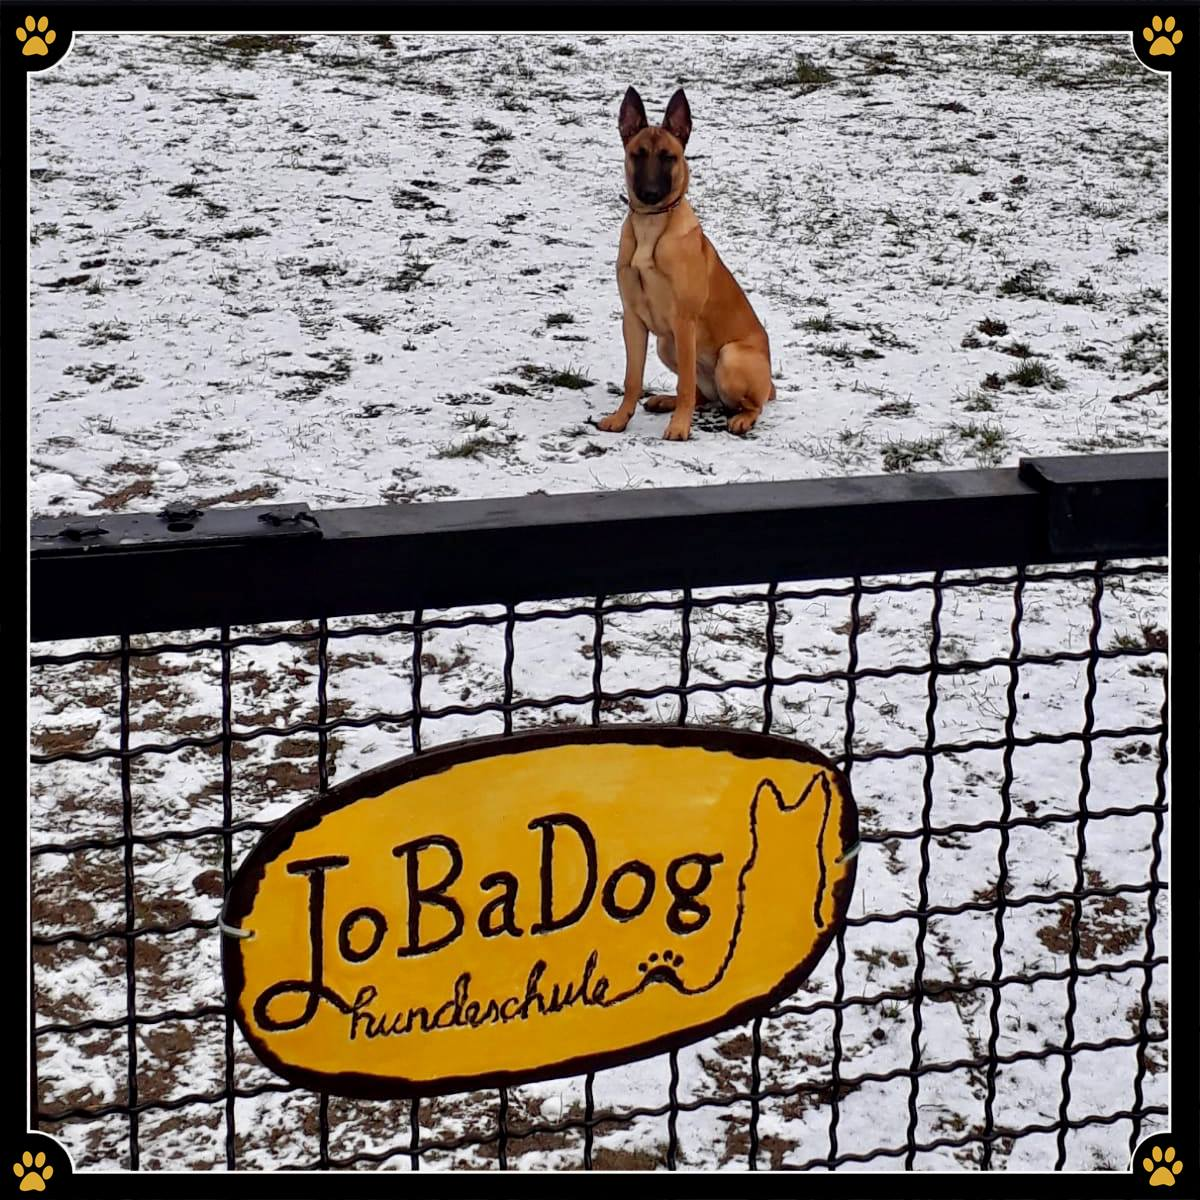 - Selbst entworfene Flyer, Werbeplakate und Banner der eigenen Hundeschule in der Hand zu halten ist etwas ganz besonderes.✨Noch besonderer ist es aber, wenn eigene Hundeschüler und liebe Menschen kleine handgemachte Überraschungen erschaffen, die dann einen speziellen Platz in der Hundeschule finden.💛Tausend Dank an Diana Gatzke für dieses wundervolle, selbstgemachte JoBaDog-Firmenschild! 🤩